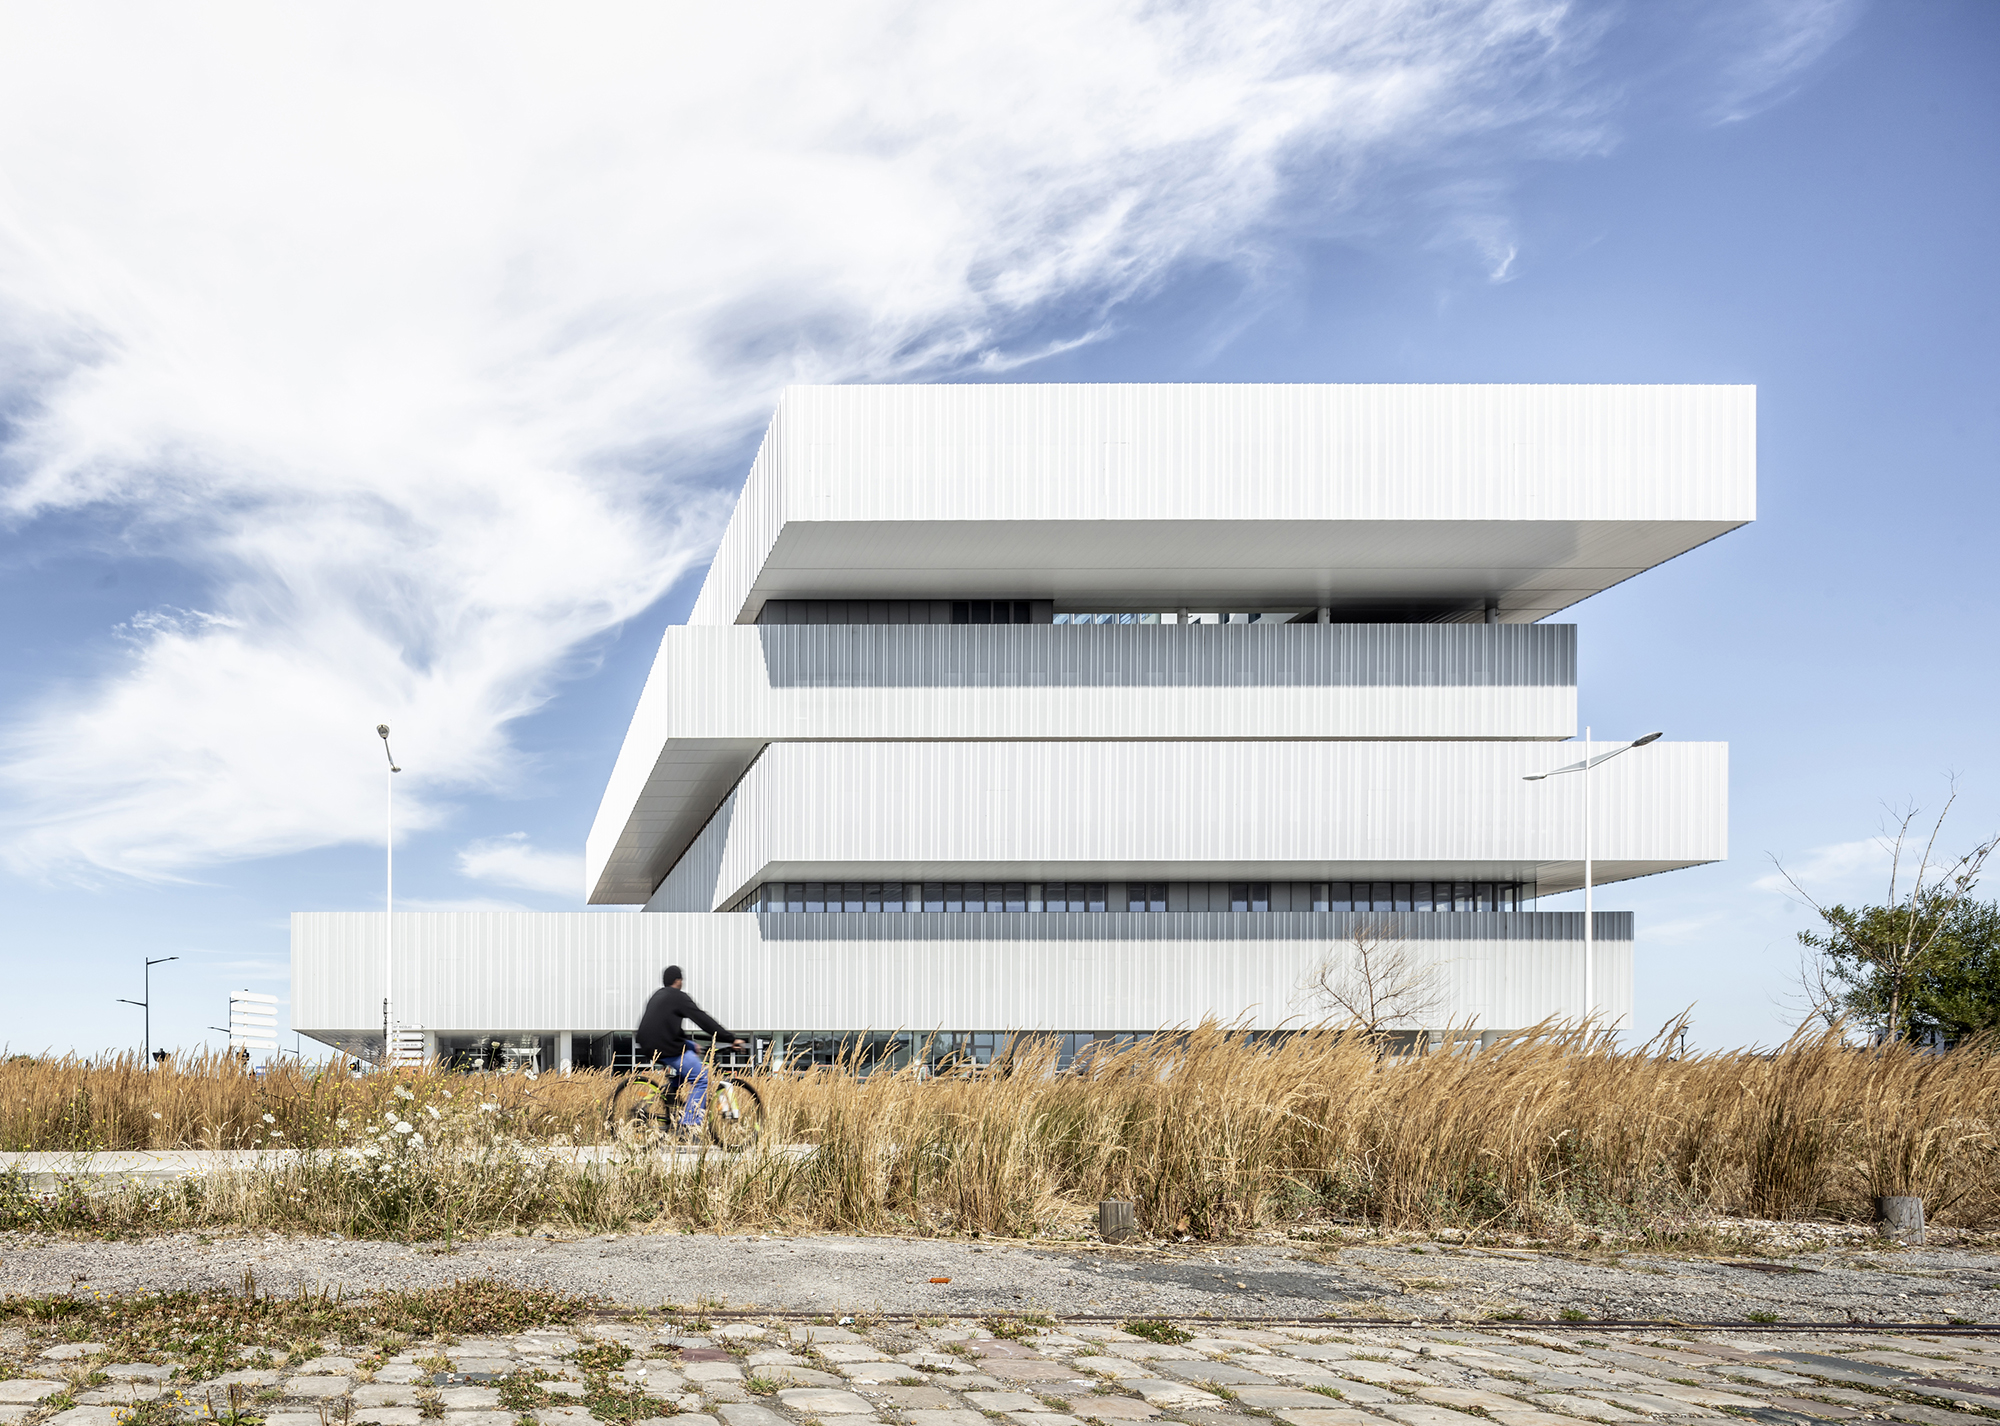 Architecture numérique - Cité numérique et EMN du Havre_Architecture numérique_Groupe-6